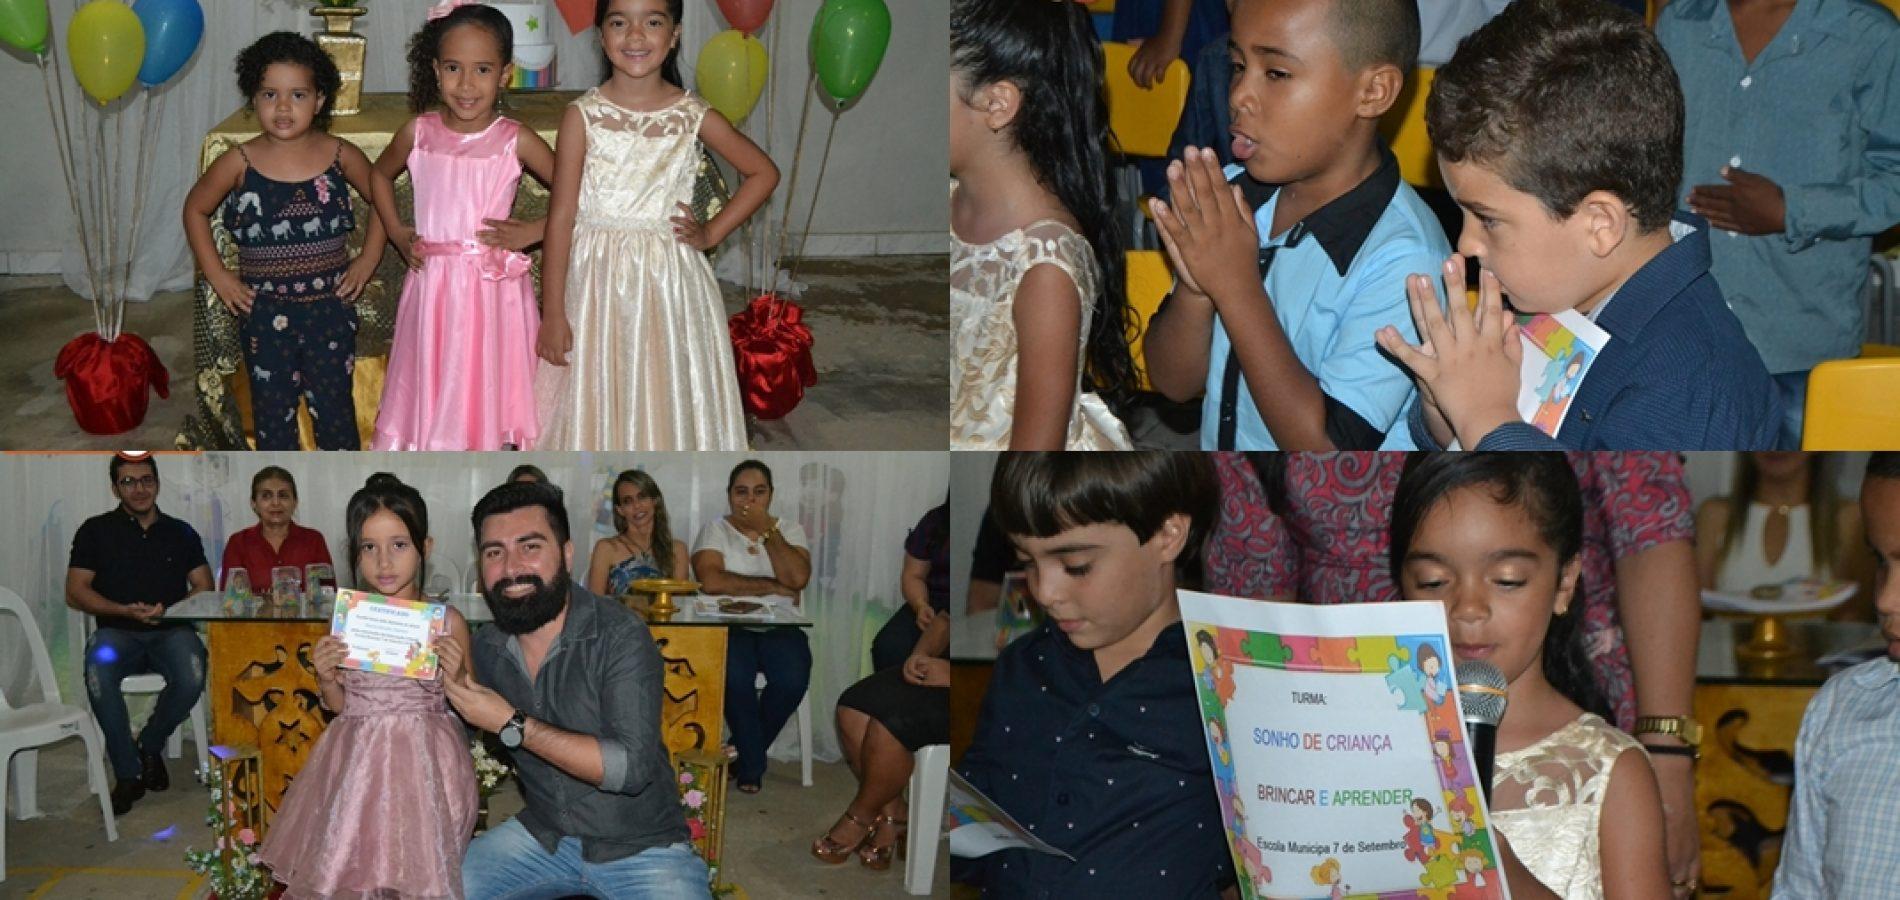 FOTOS   Colação de Grau de 58 alunos do ABC na Escola 7 de Setembro em Simões